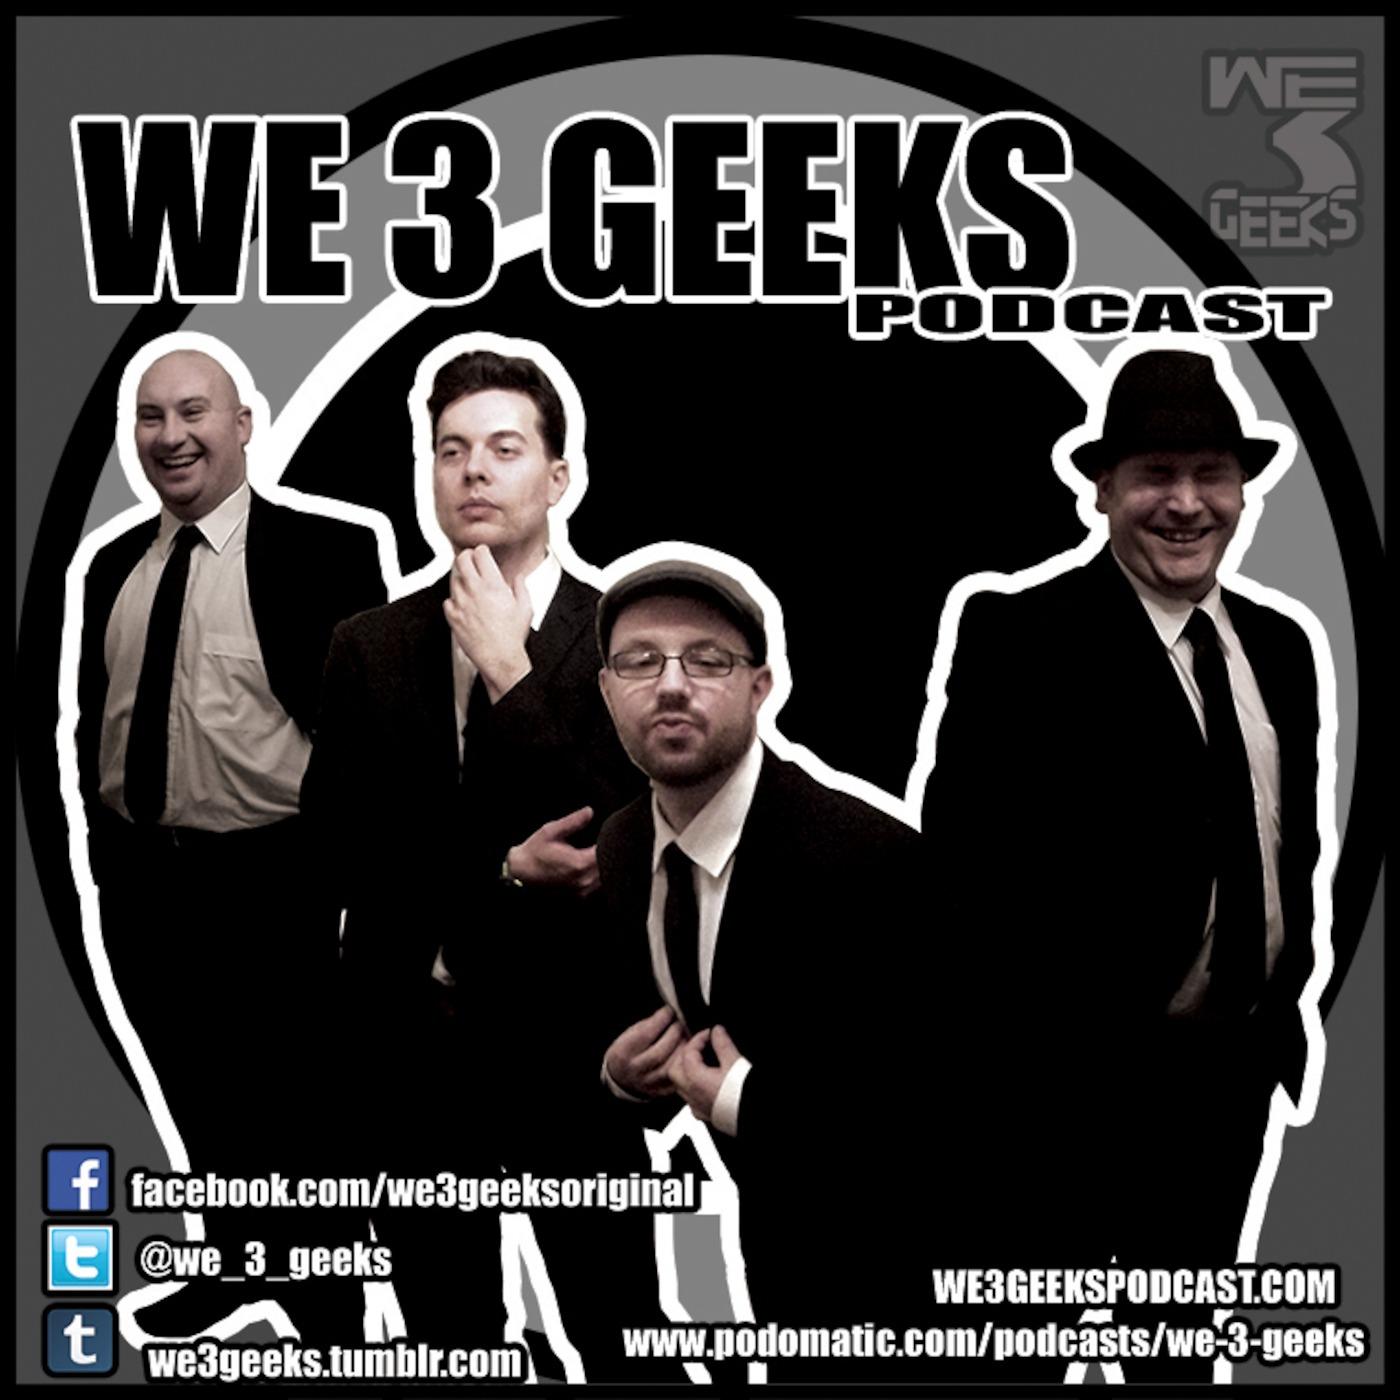 We 3 Geeks